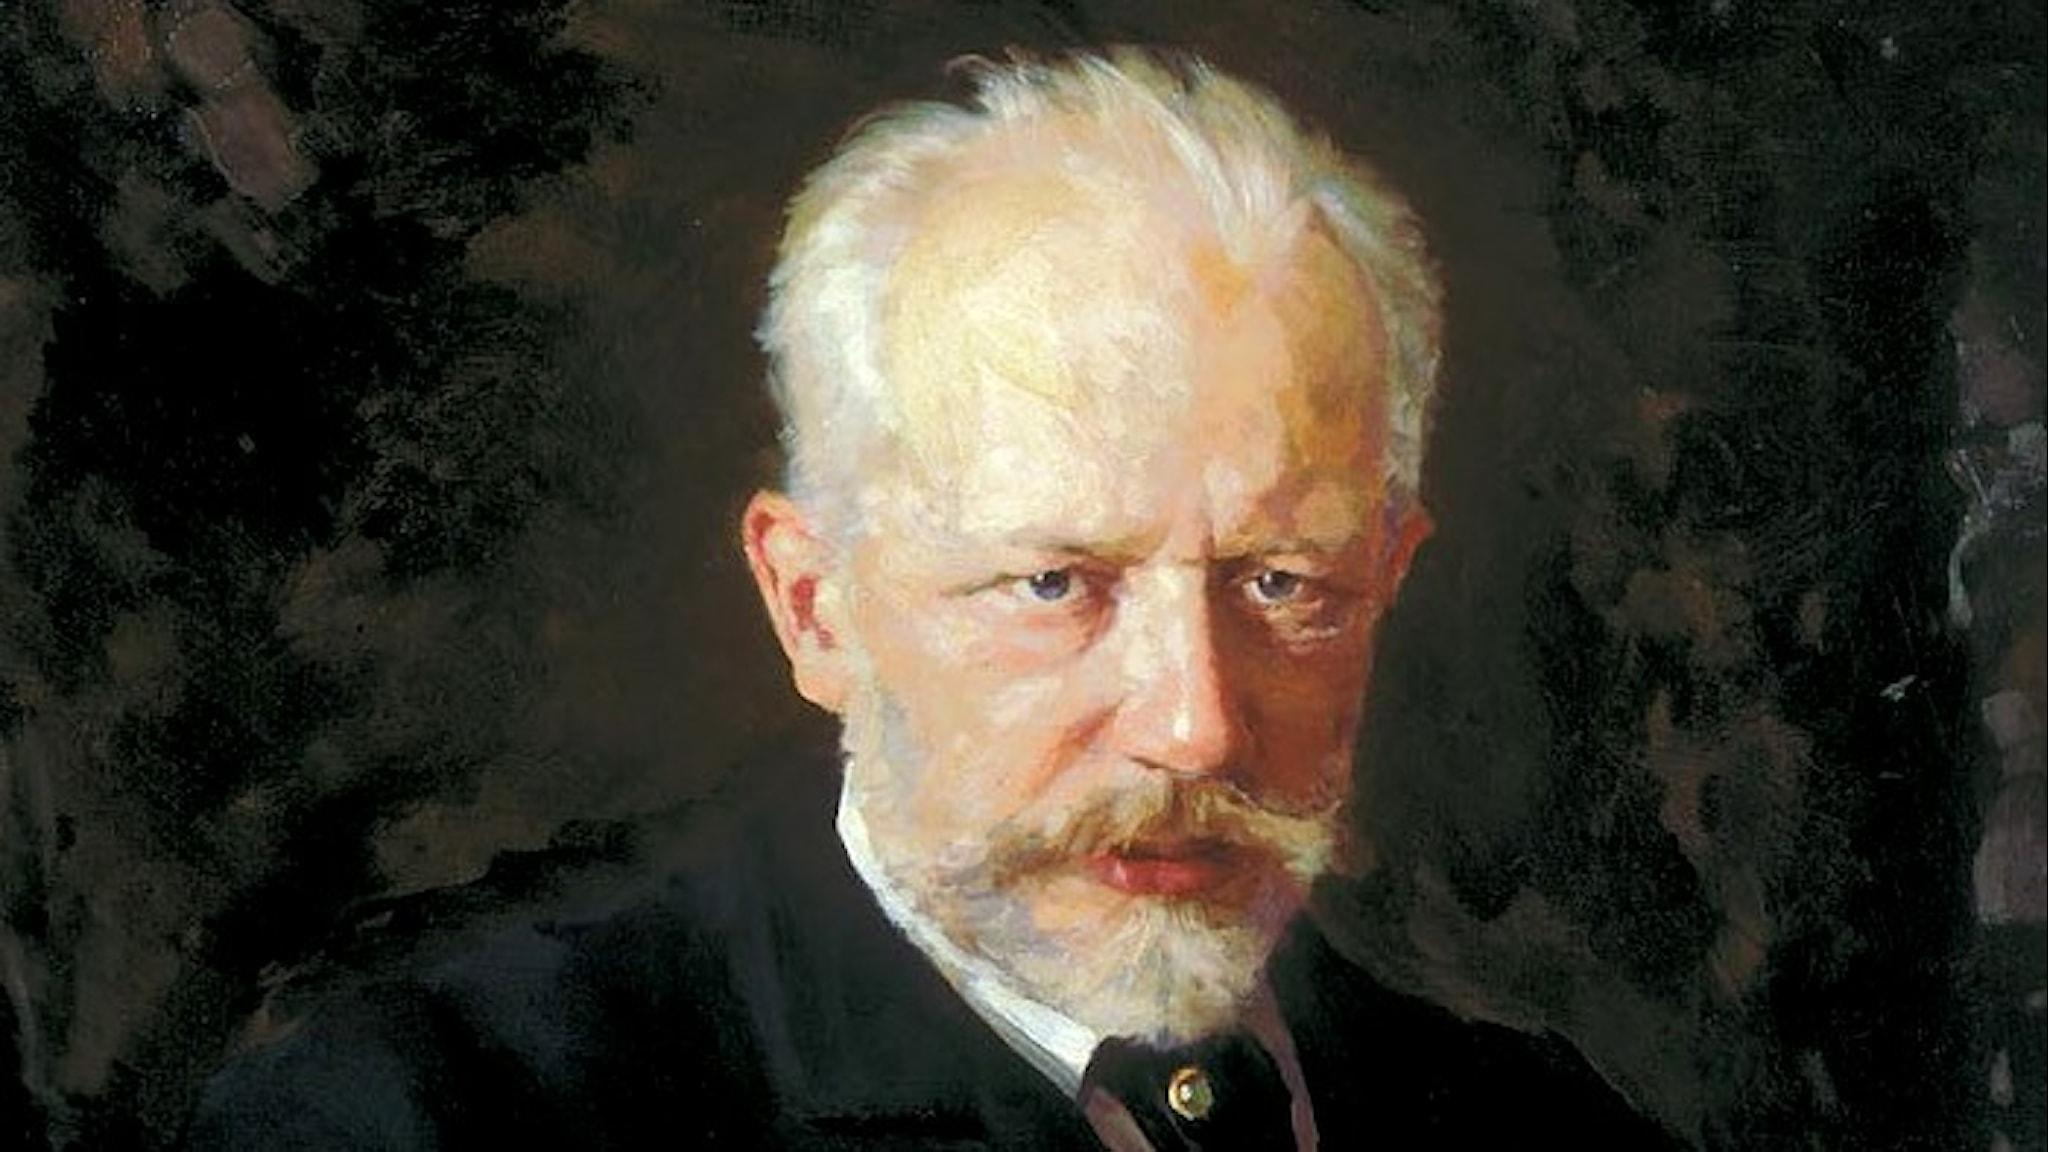 Porträtt av Peter Tjajkovskij (Nikolai Kuznetsov, 1893).